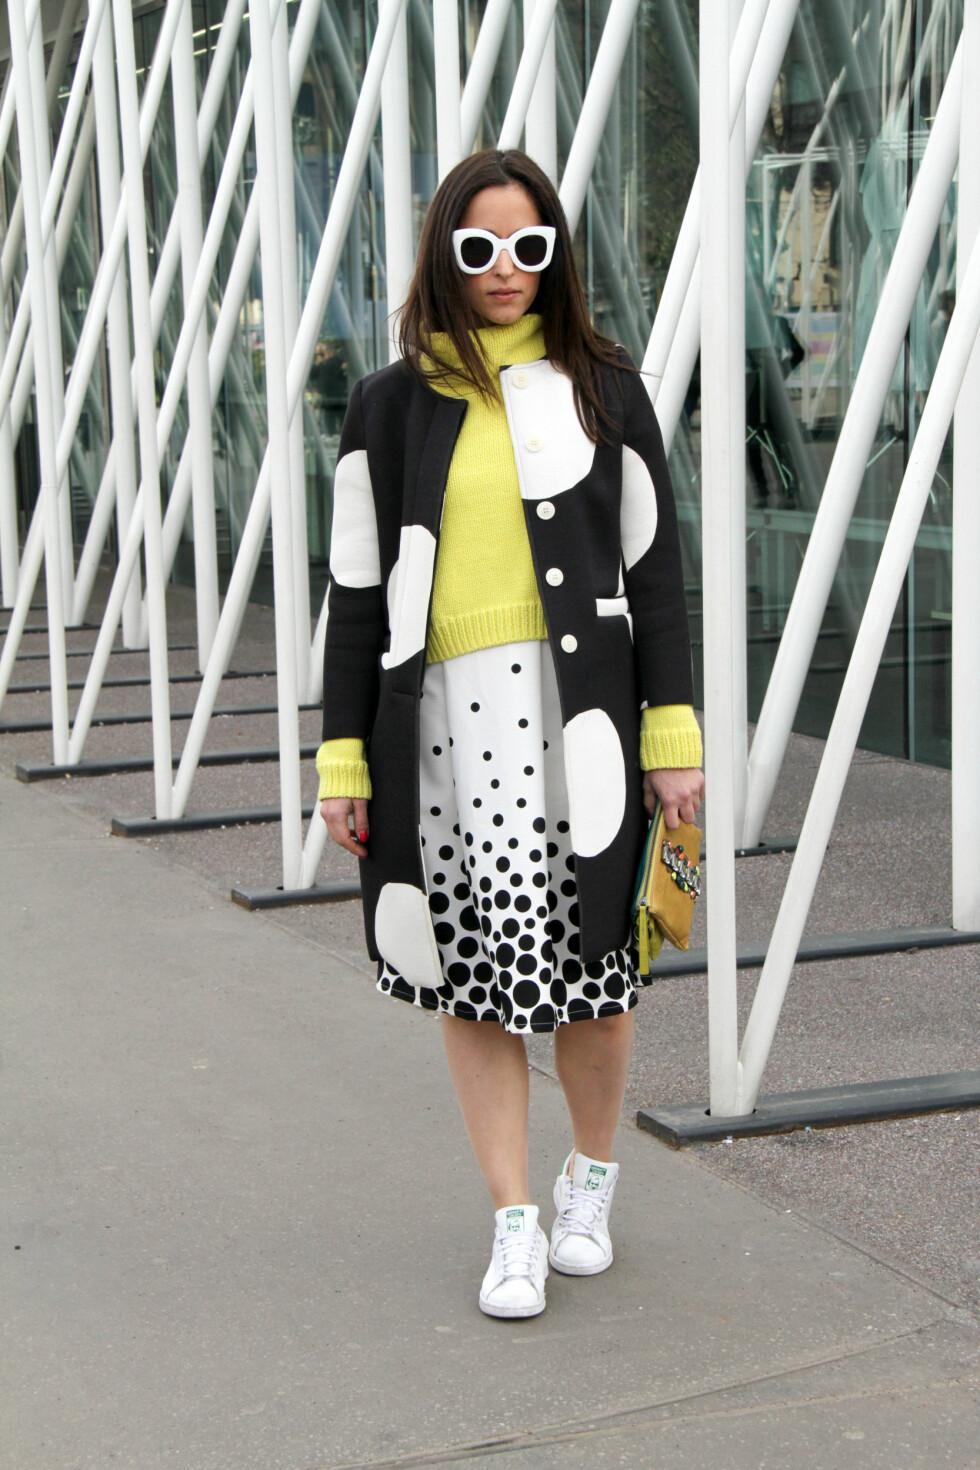 DETALJER: De hvite detaljene er går gjennom hele antrekket - alt fra prikkene i jakken, til solbrillene og sneakersene.